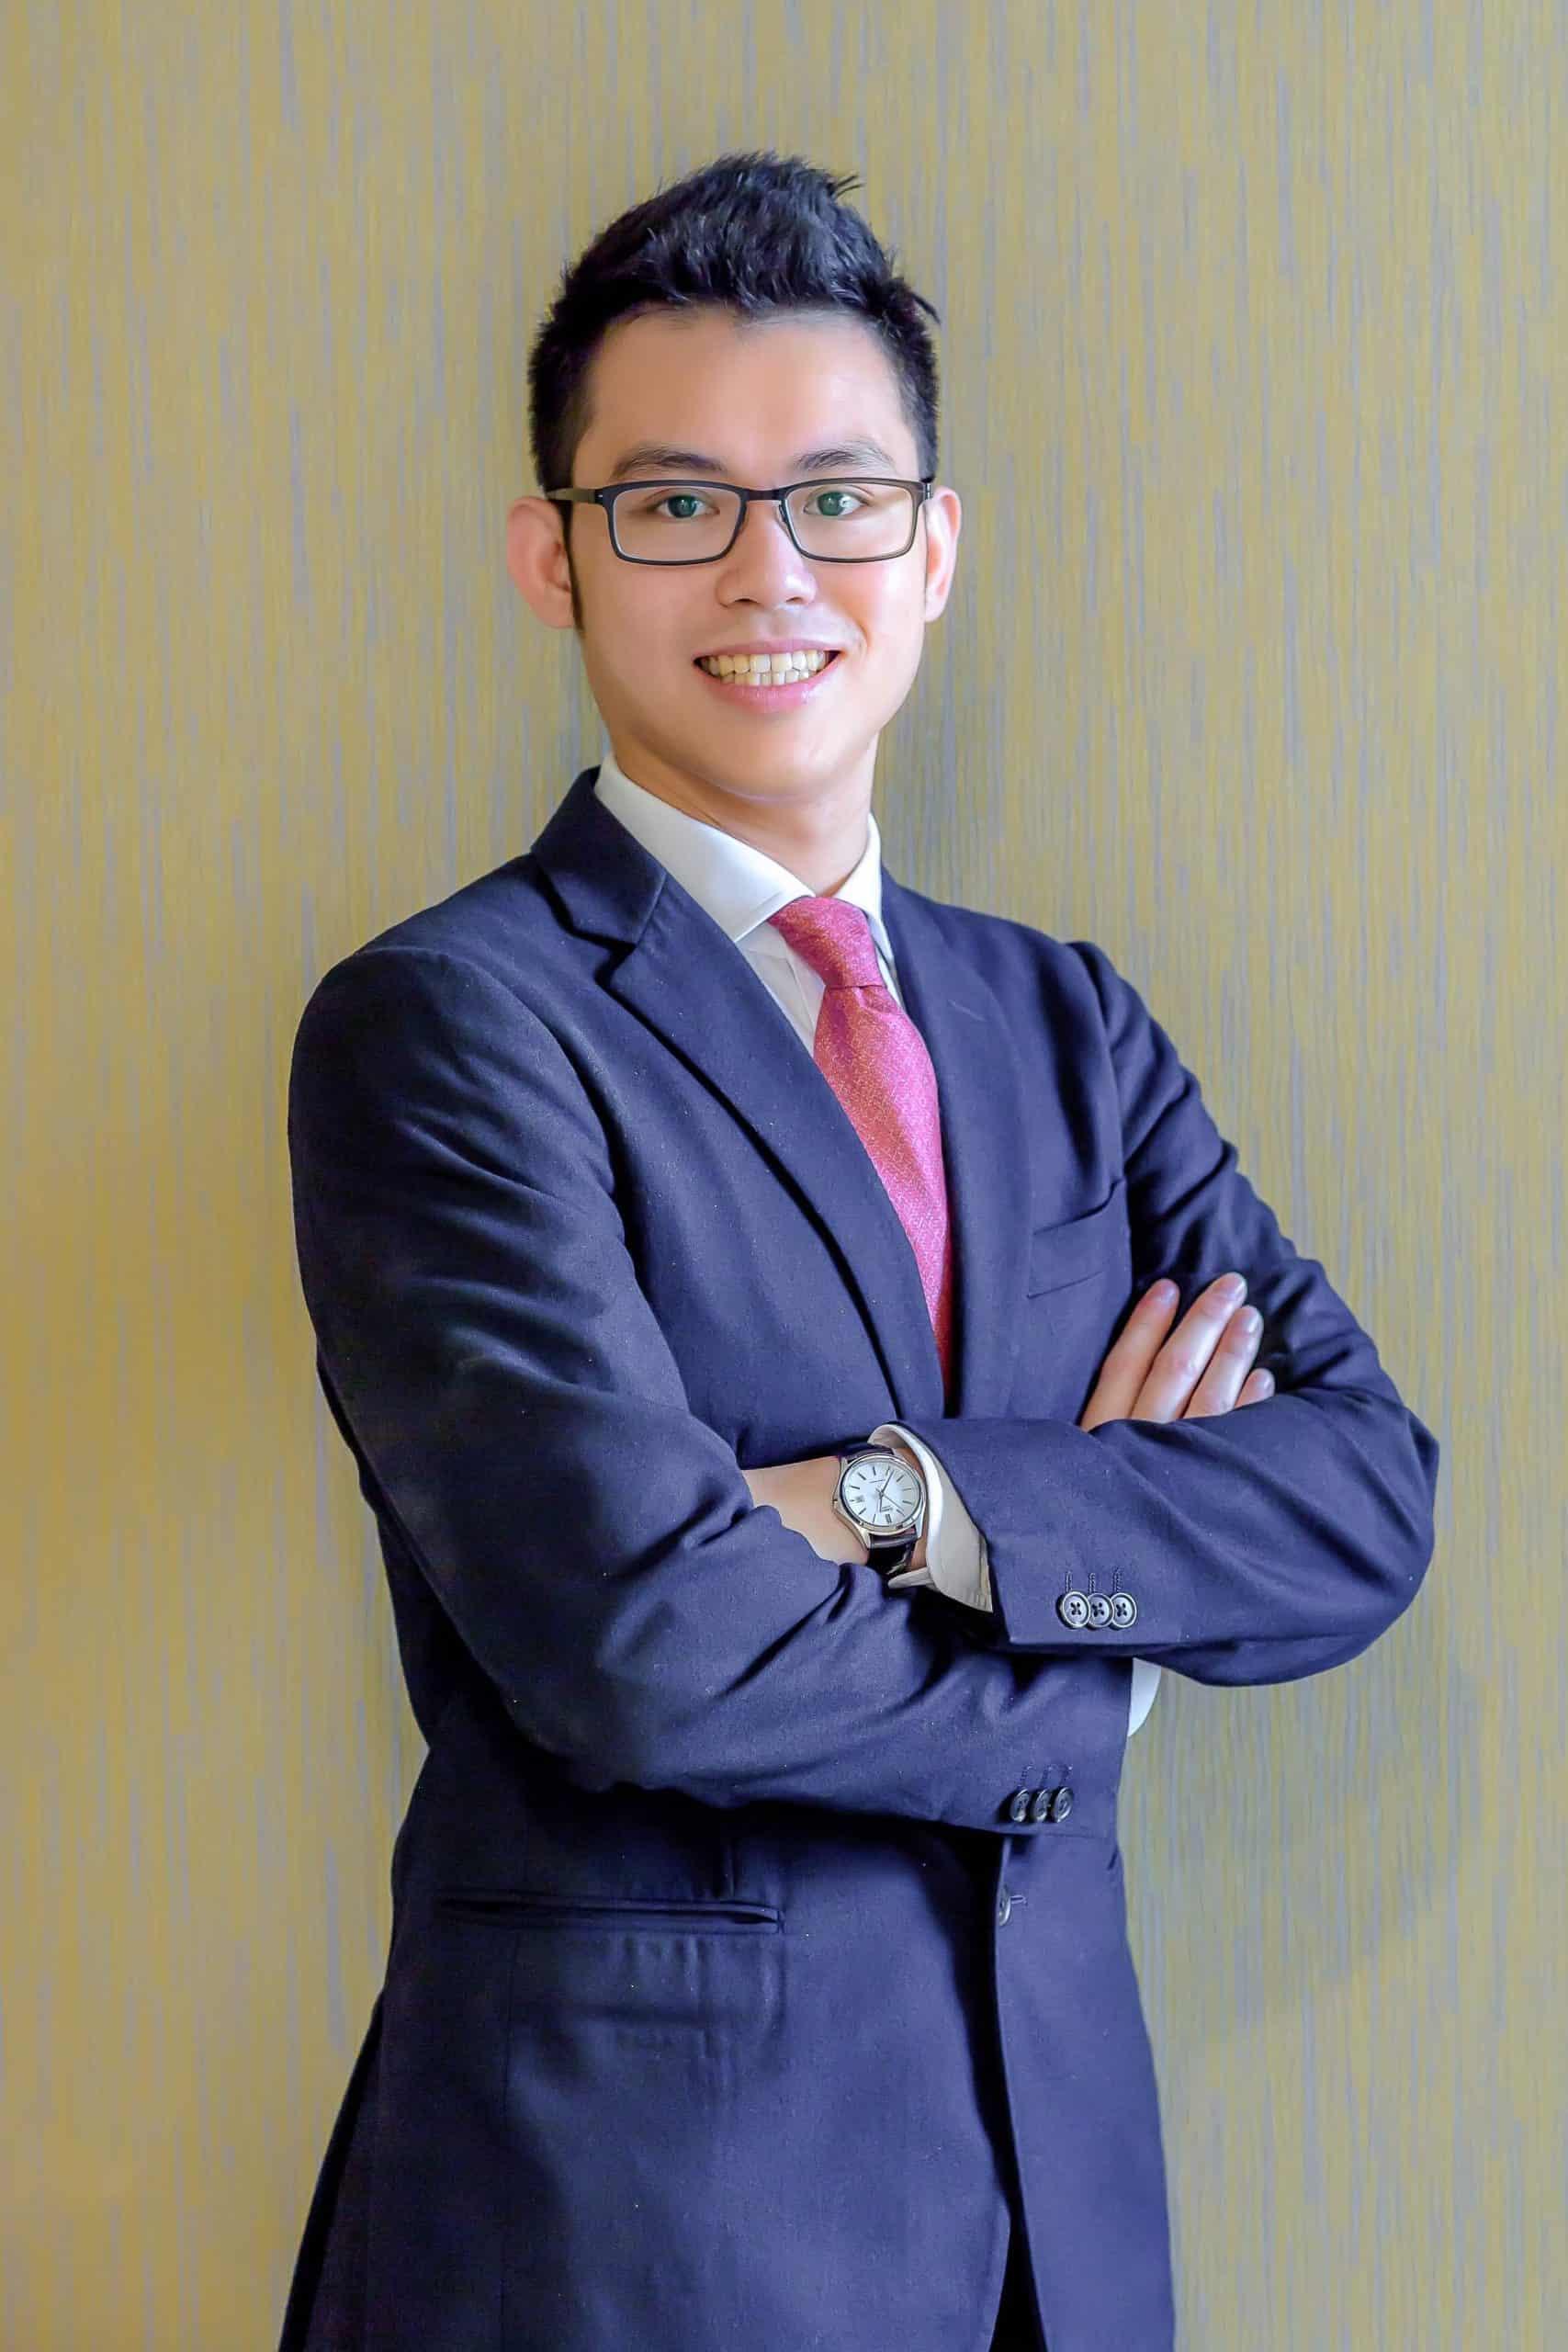 Oscar Chen